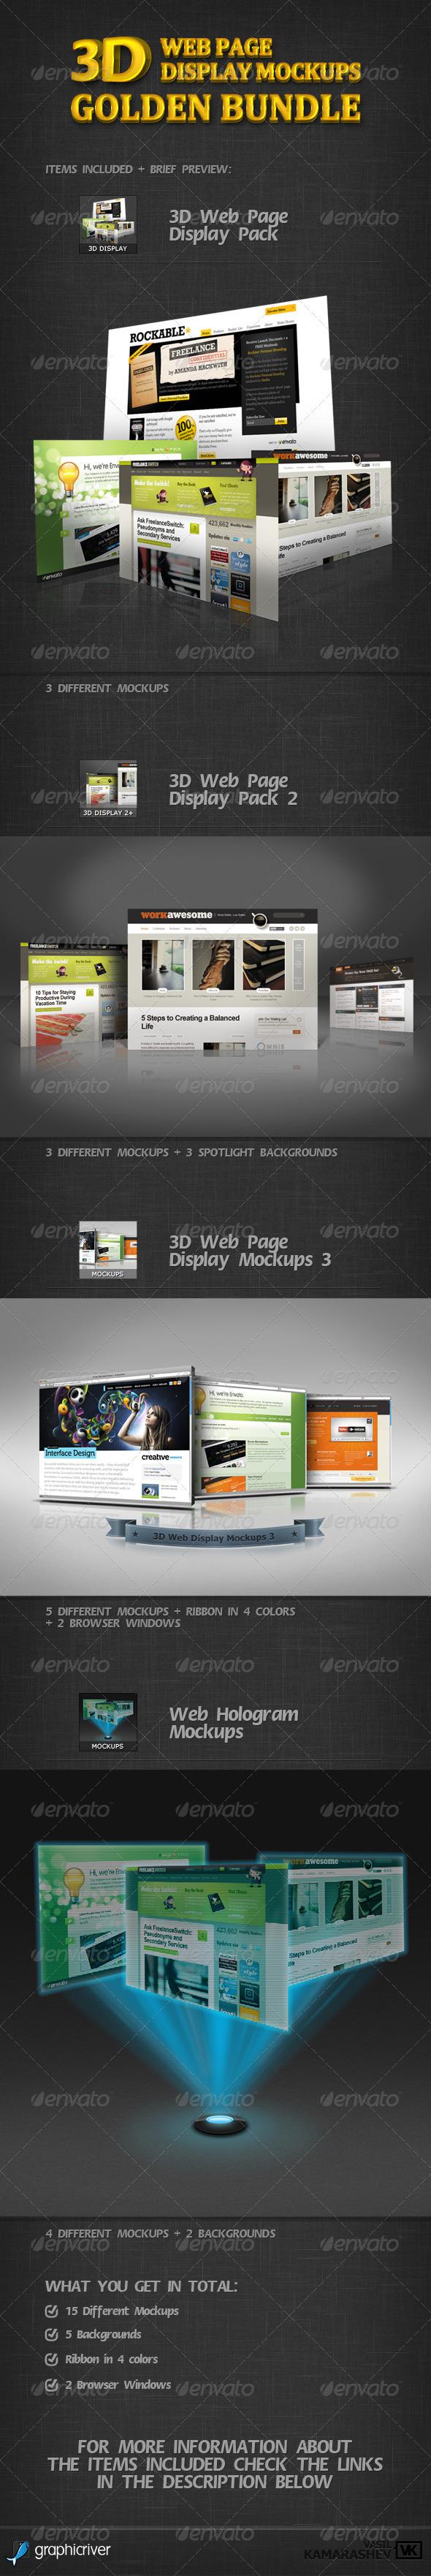 GraphicRiver 3D Web Page Display Mockups Golden Bundle 2557003